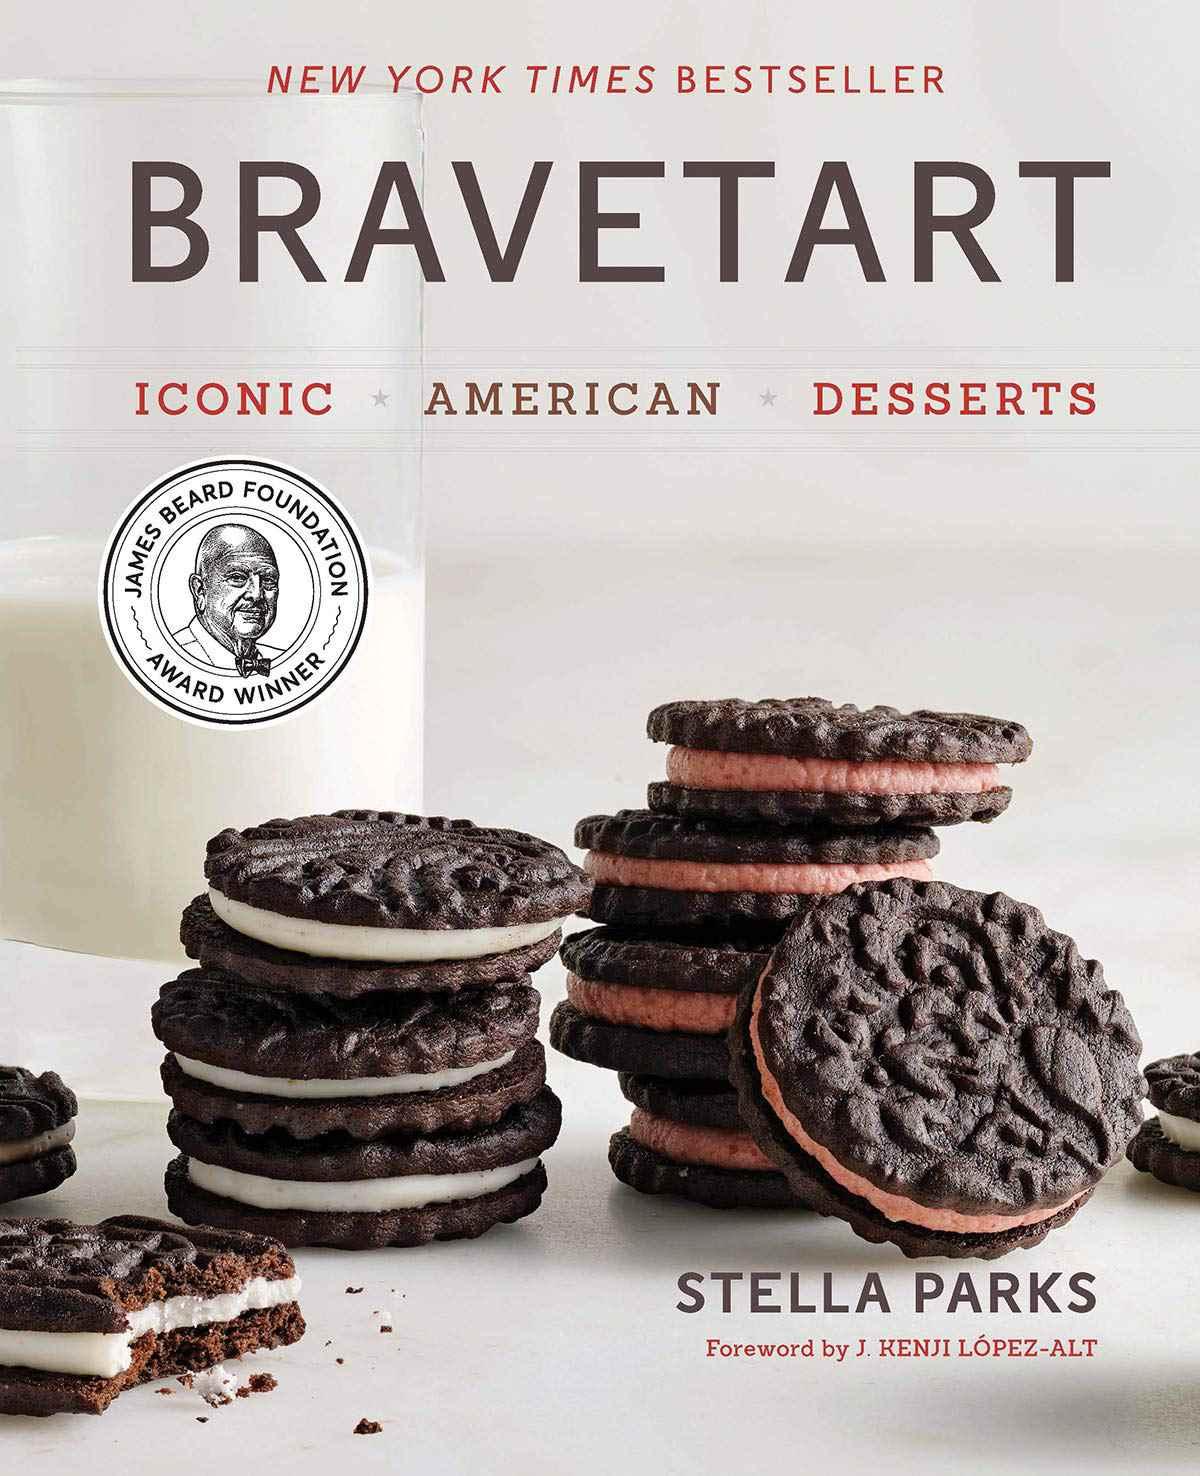 Bravetart—best baking books